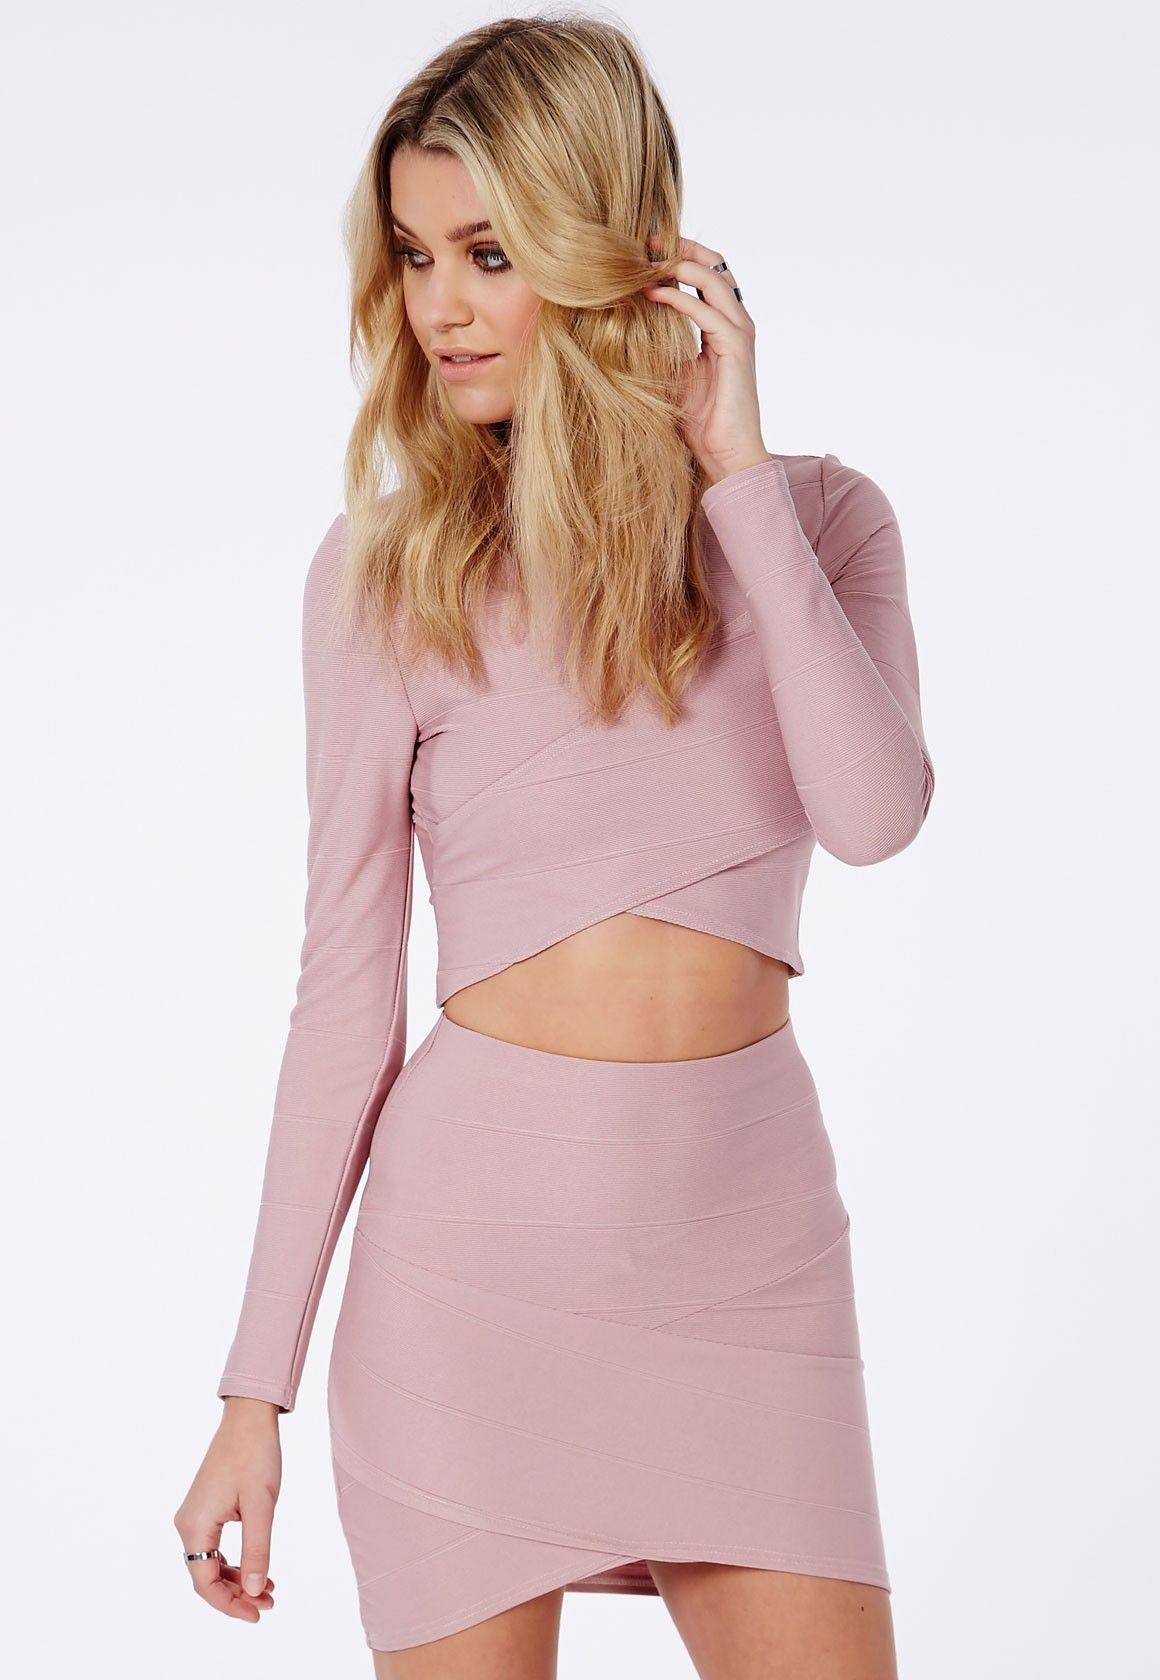 ebabfdde6280 Bandage Asymmetric Hem Mini Skirt Mauve - Skirts - Mini Skirts - Missguided